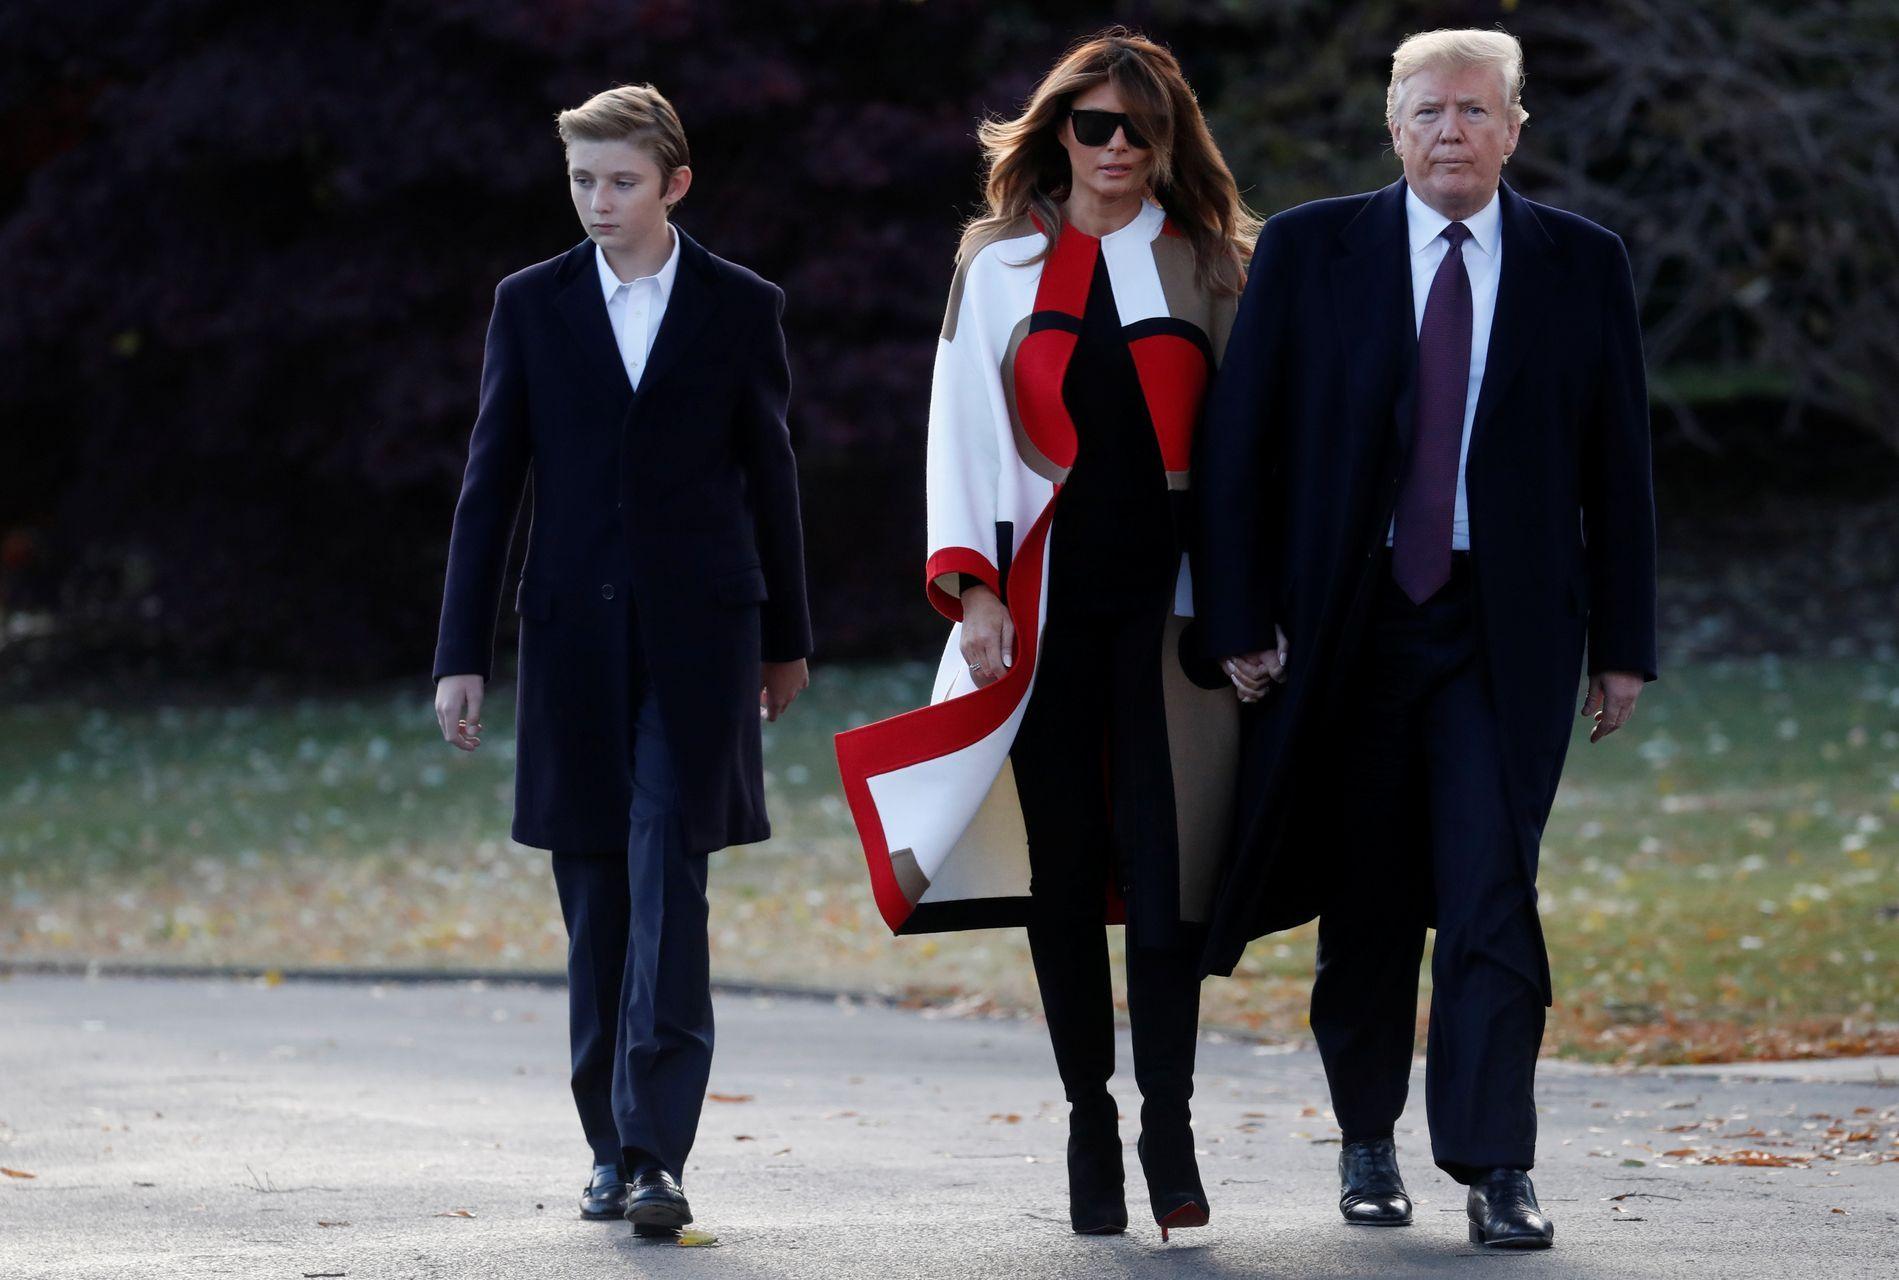 Nie uwierzycie jak teraz wygląda Barron Trump. Bardzo wydoroślał